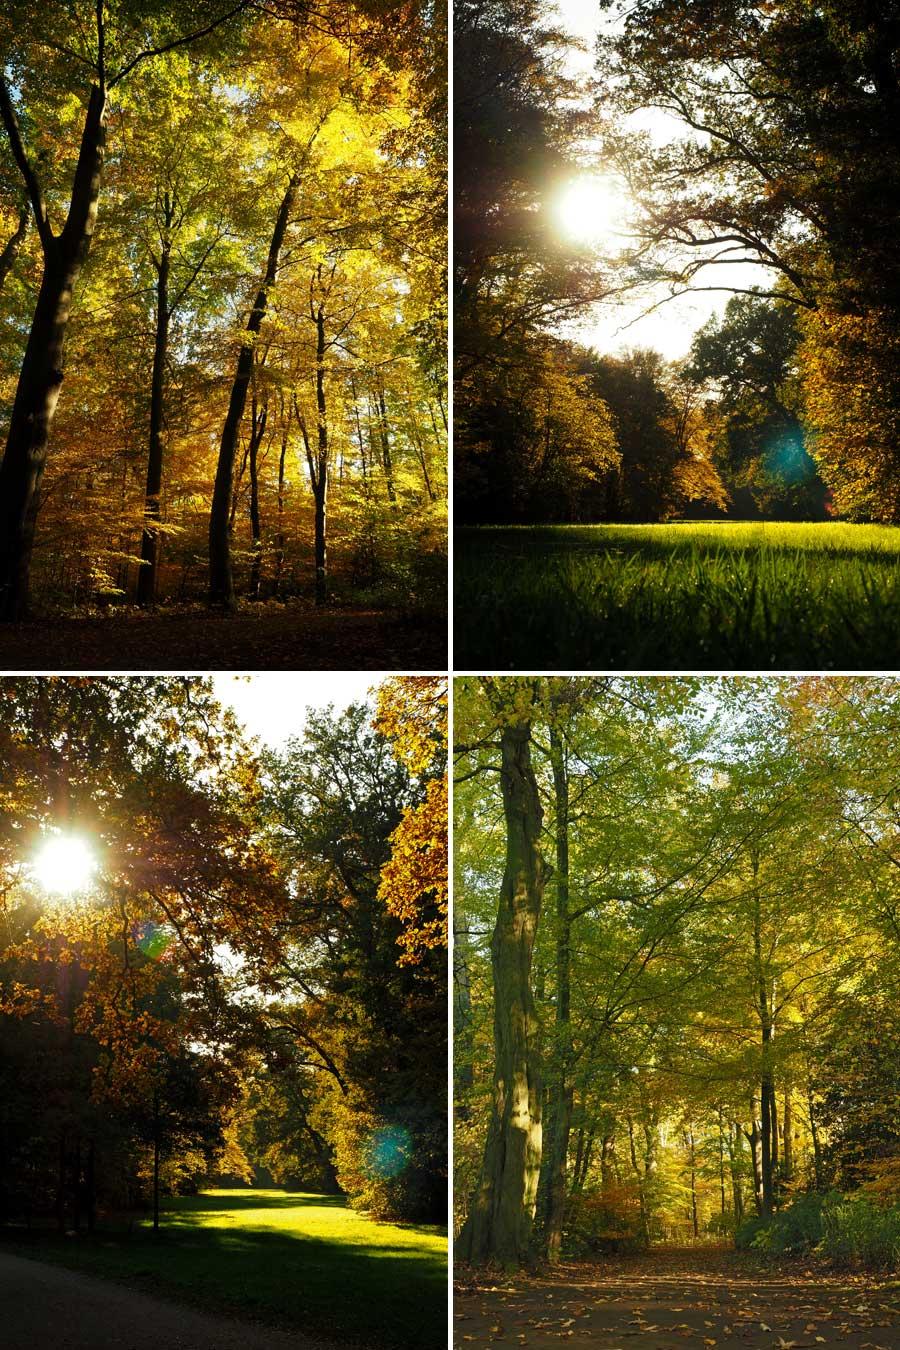 Glühende Baumwipfel: Die tiefstehende Sonne bringt die Baumkronen zum Leuchten.